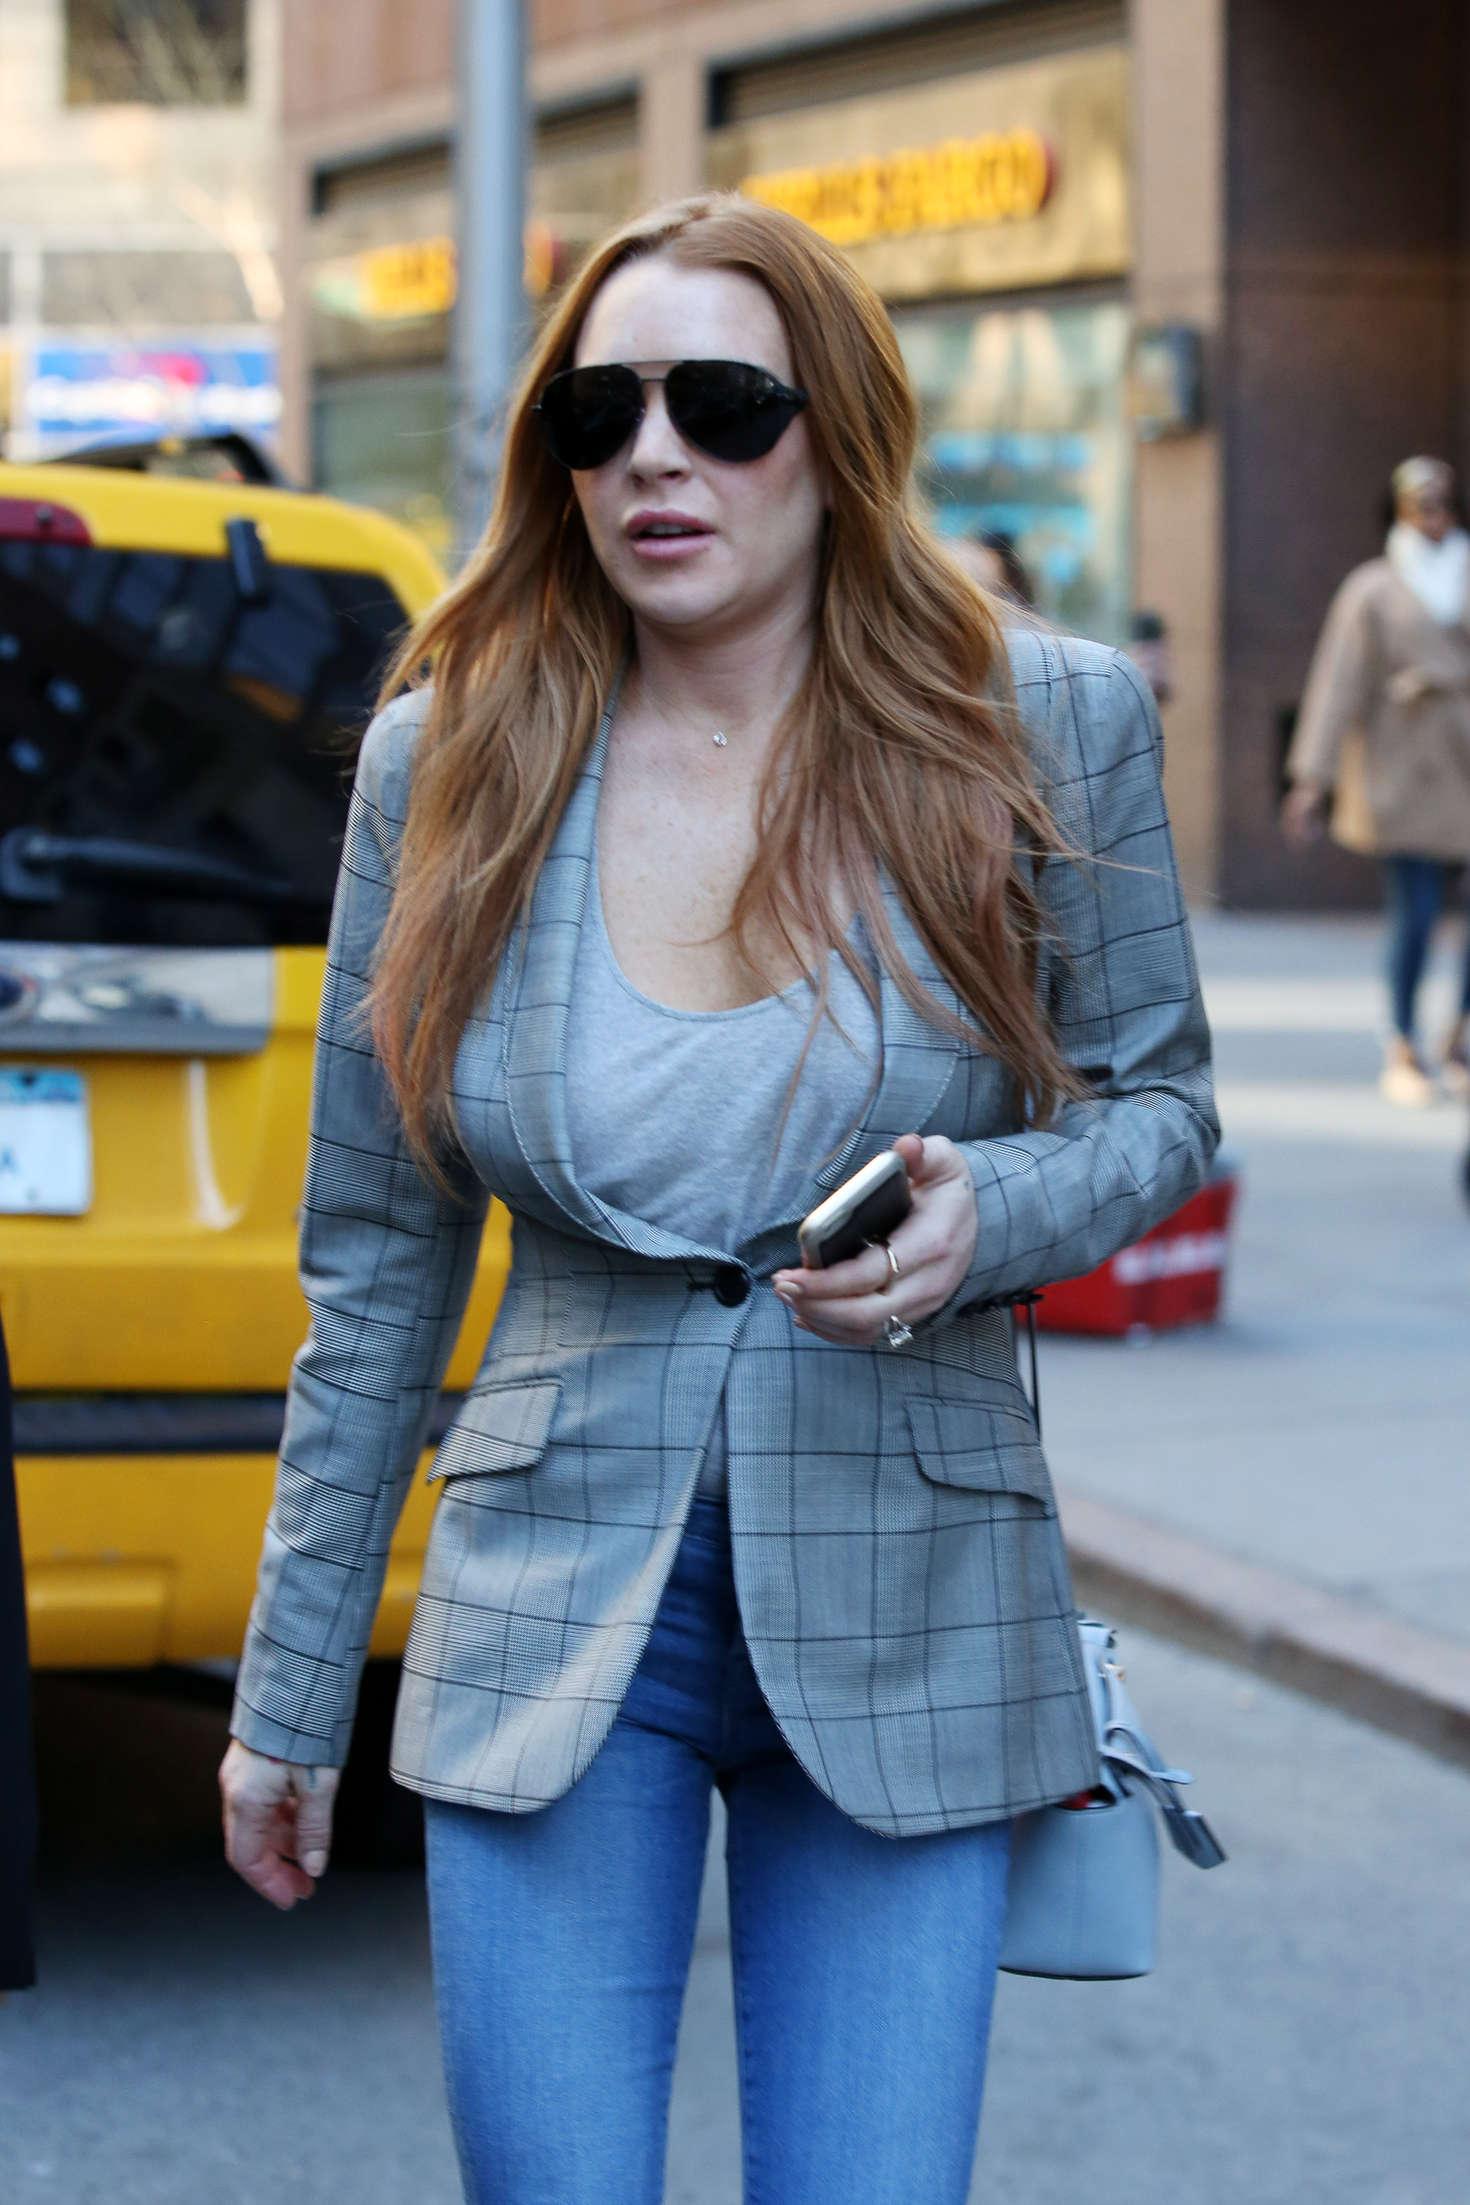 Lindsay Lohan on upper east side in New York